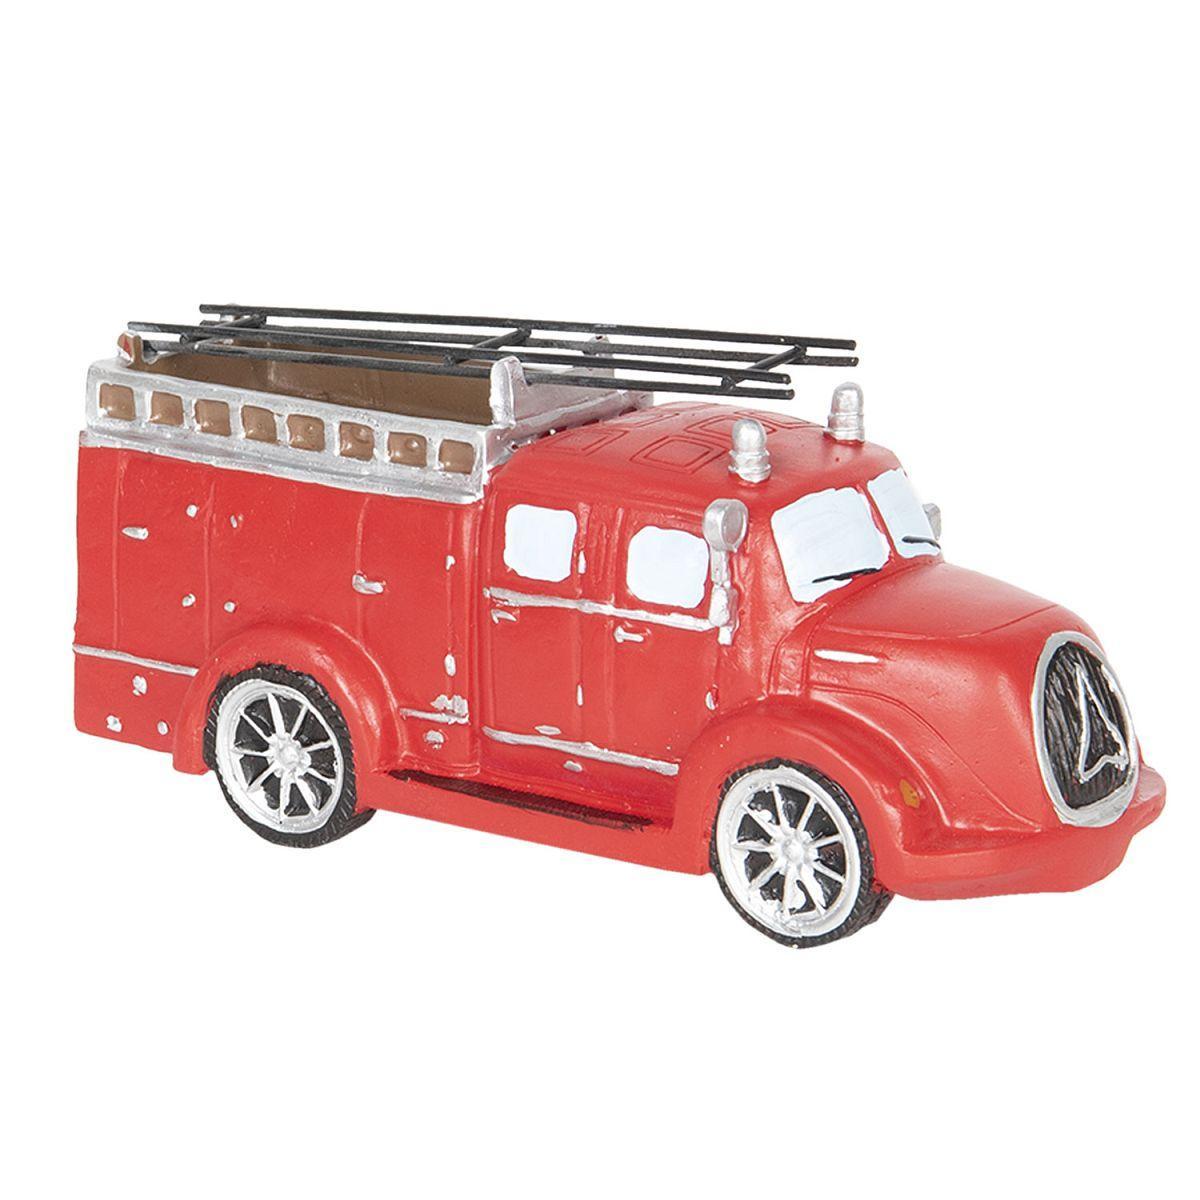 Dekorativní hasičské auto